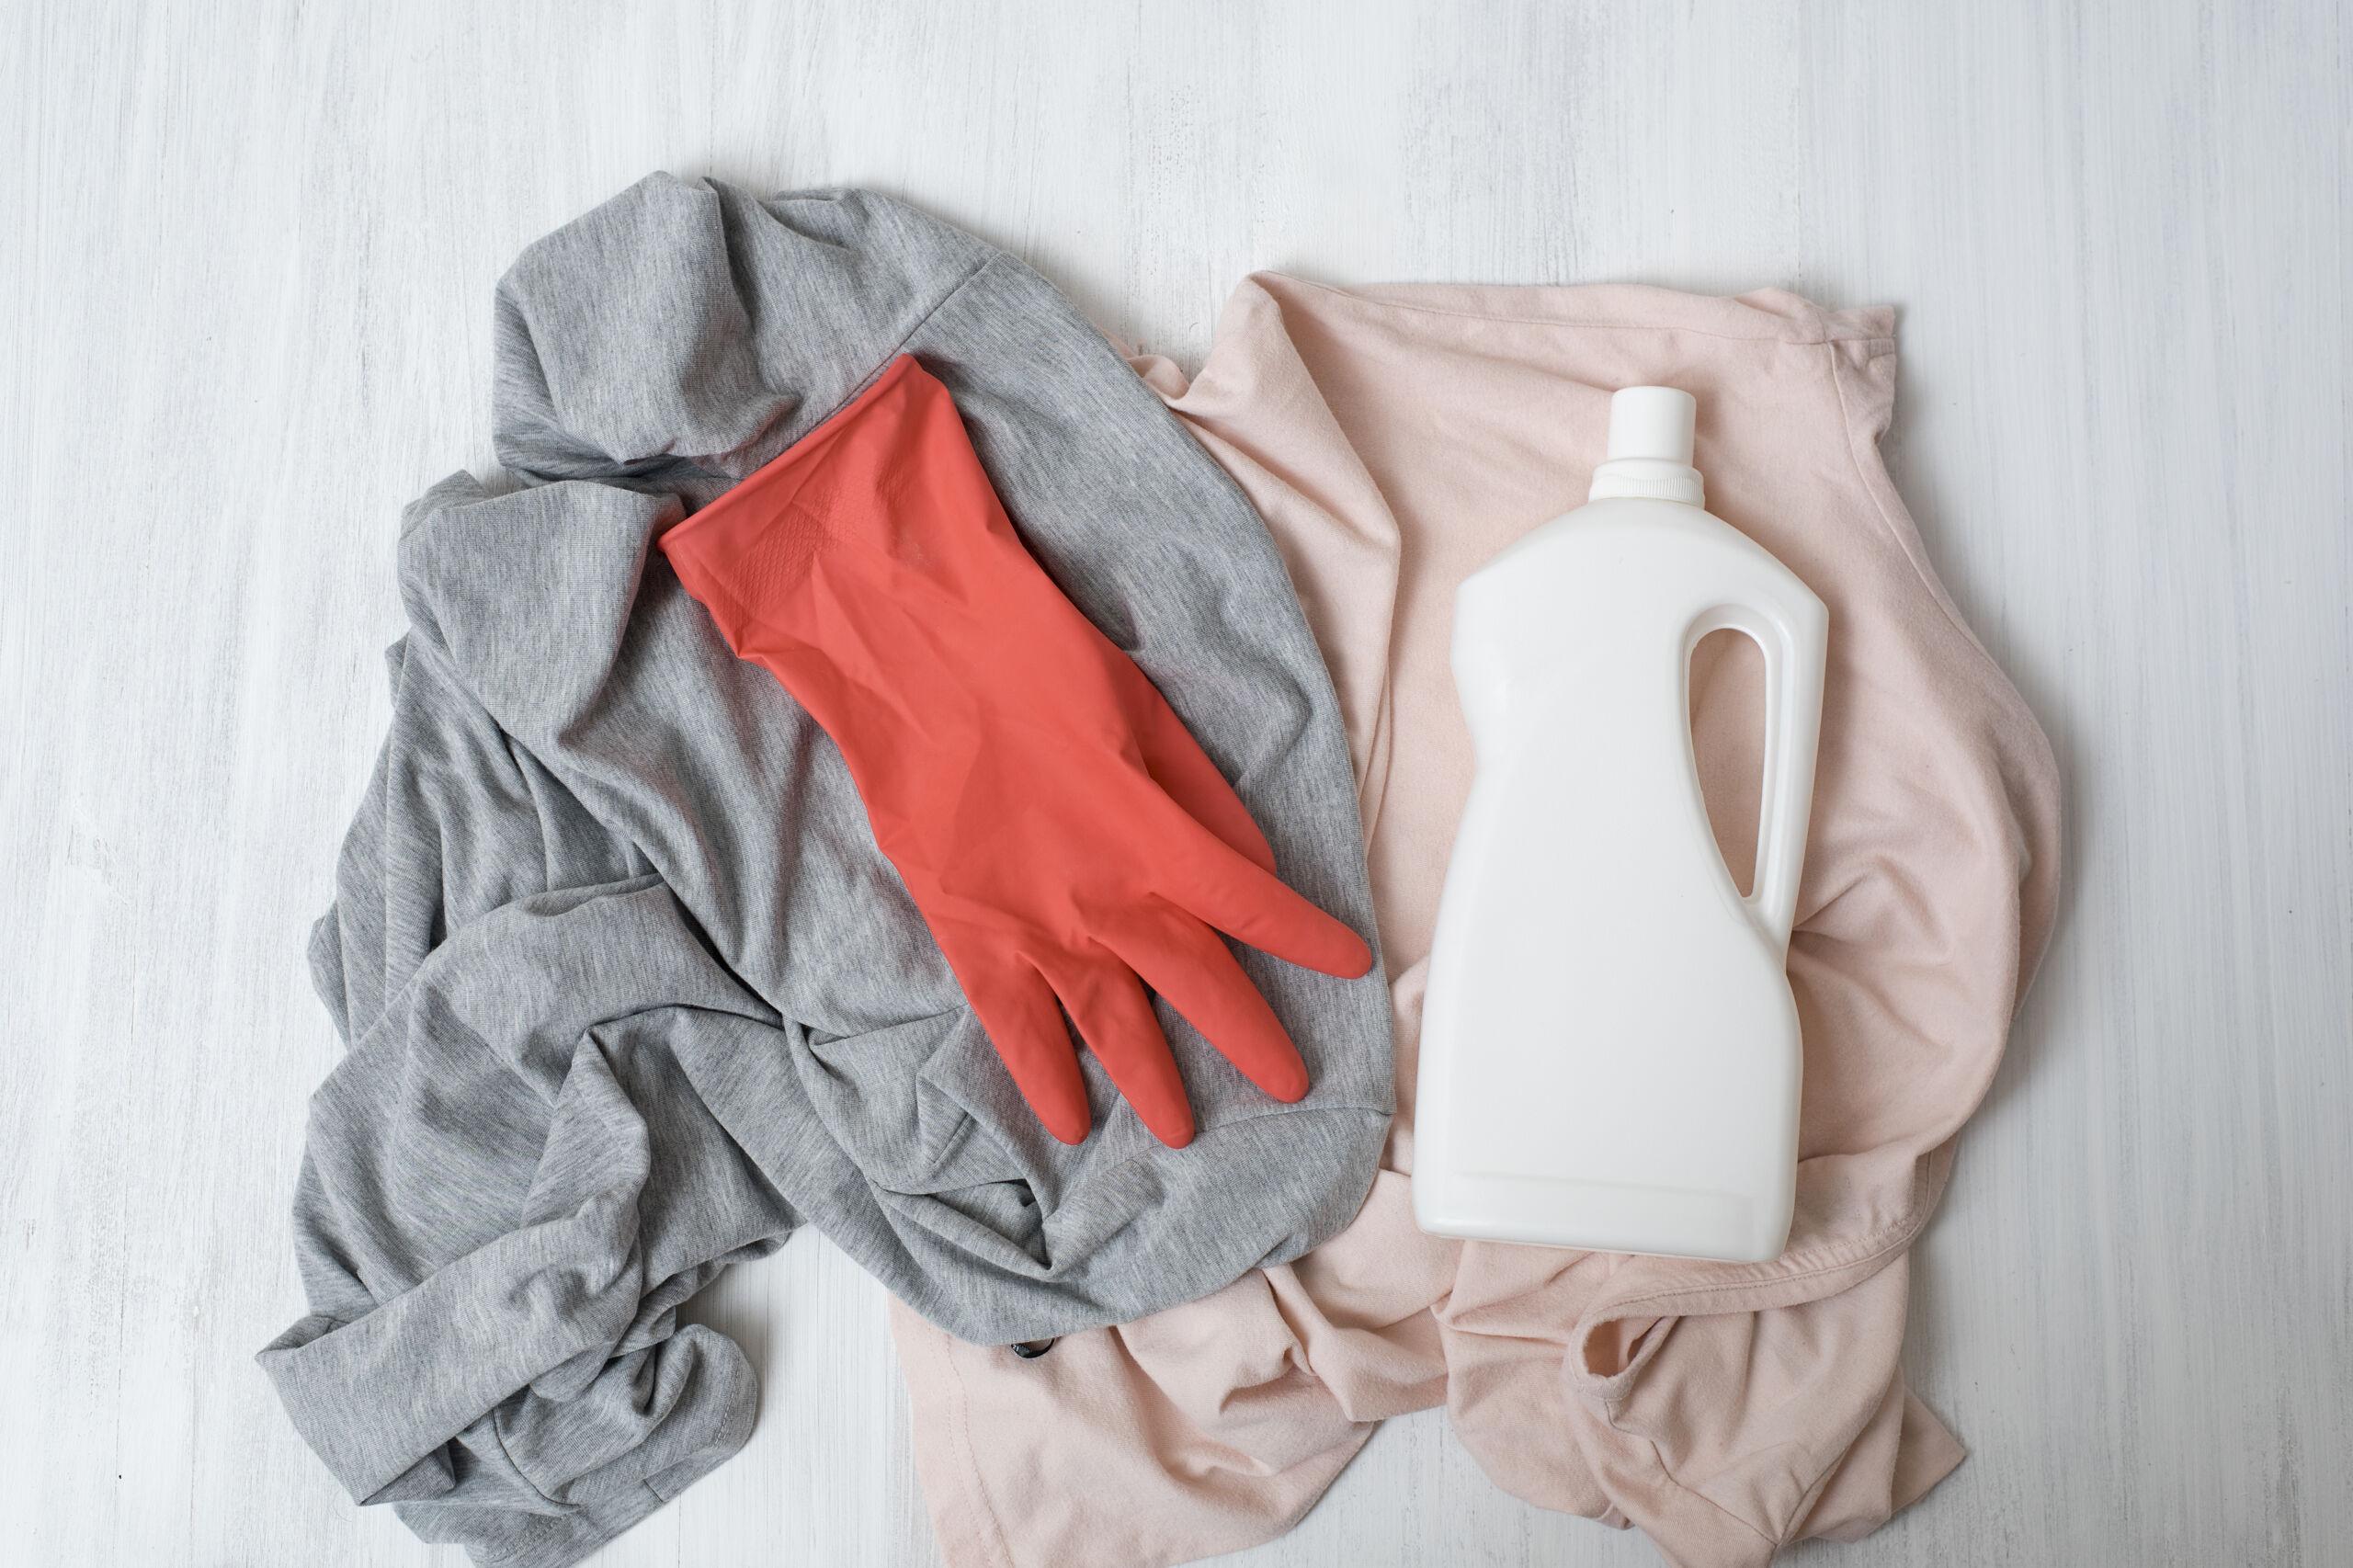 Tus prendas lavadas en seco limpias y en casa